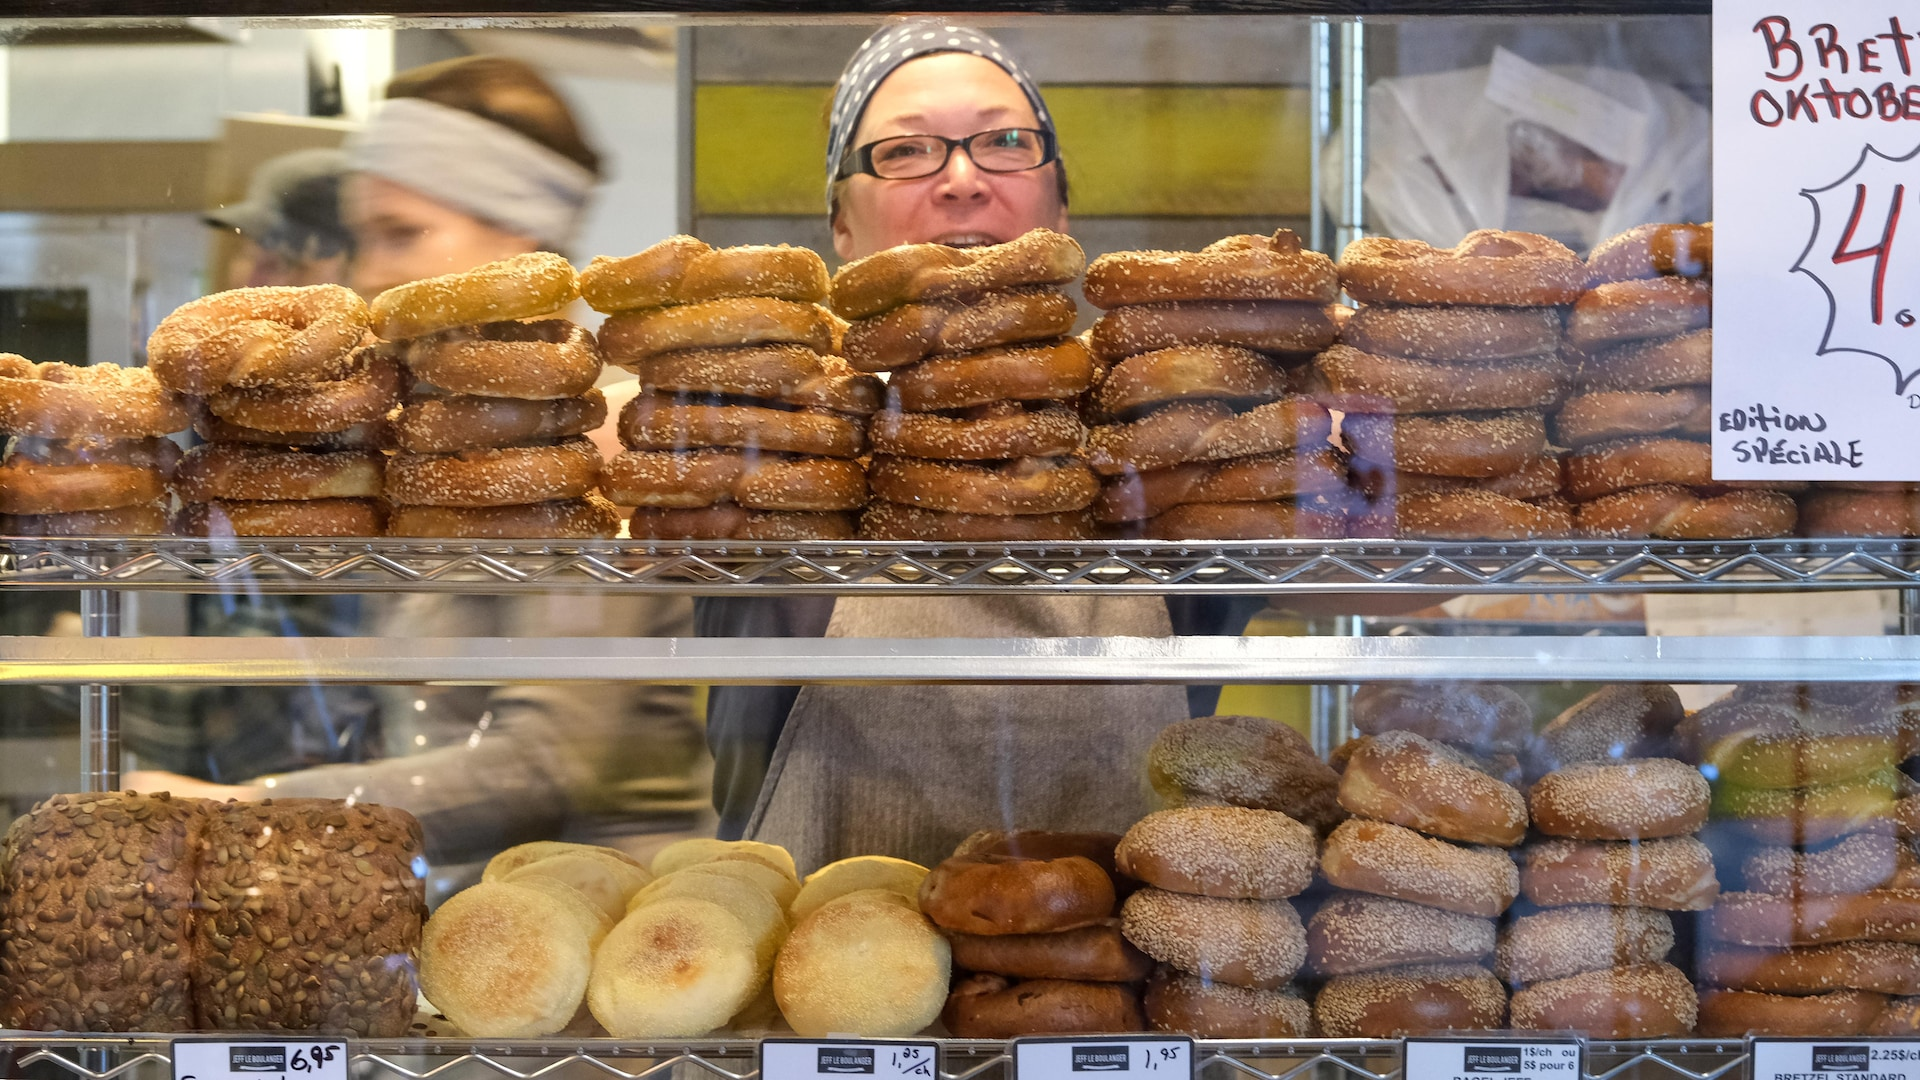 Des bretzels, muffins anglais, et pains dans un présentoir de boulangerie.